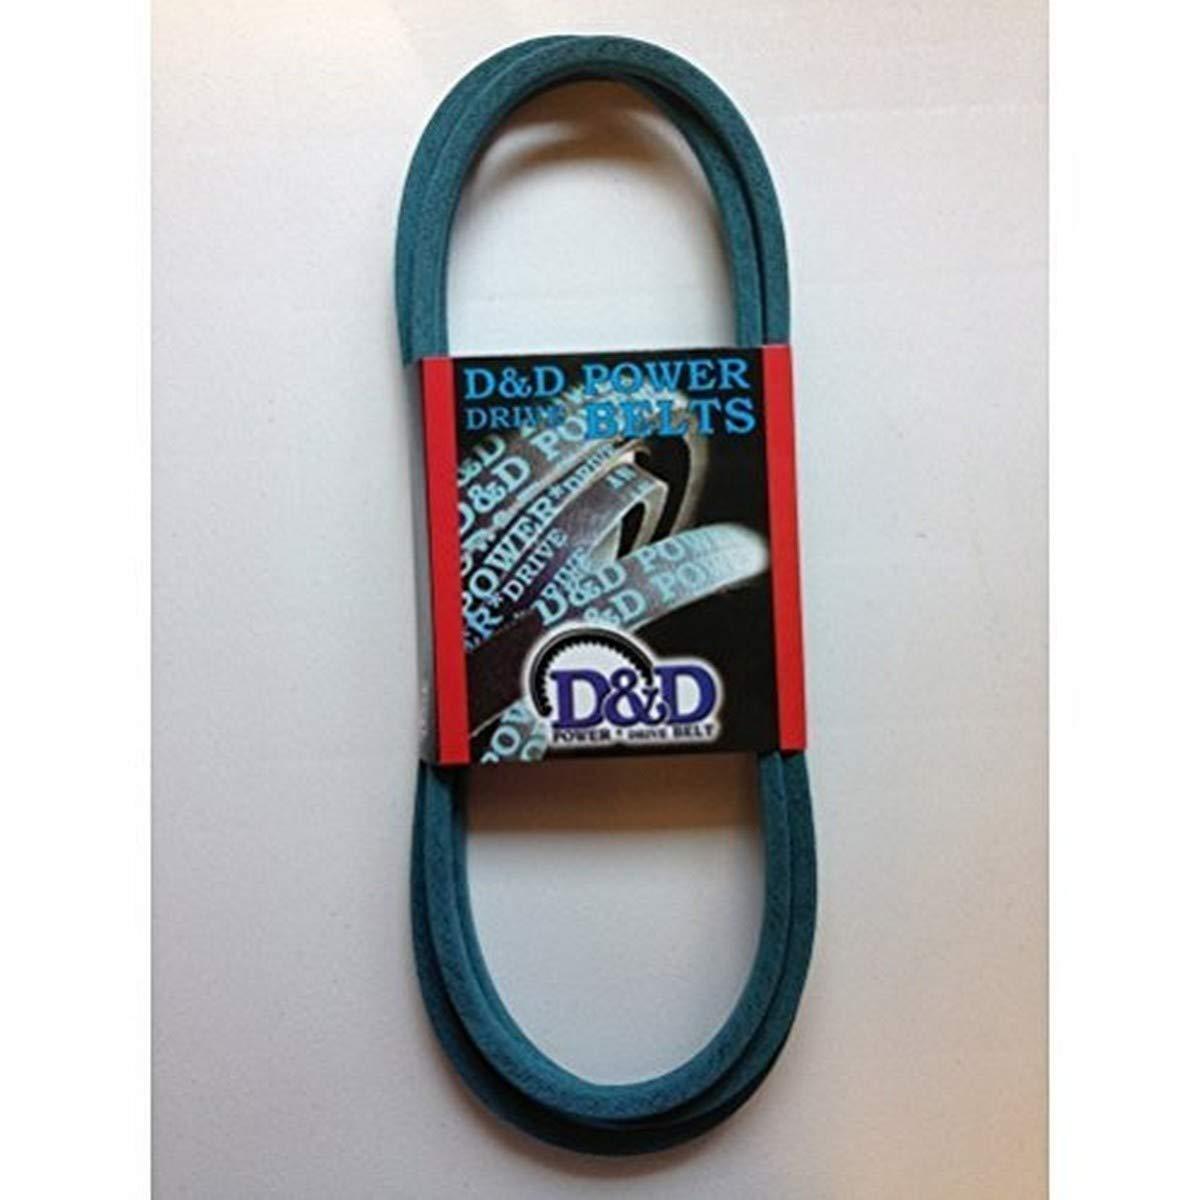 D&D PowerDrive 1005376 MTD or CUB Cadet Kevlar Replacement Belt, 1 Band, Aramid